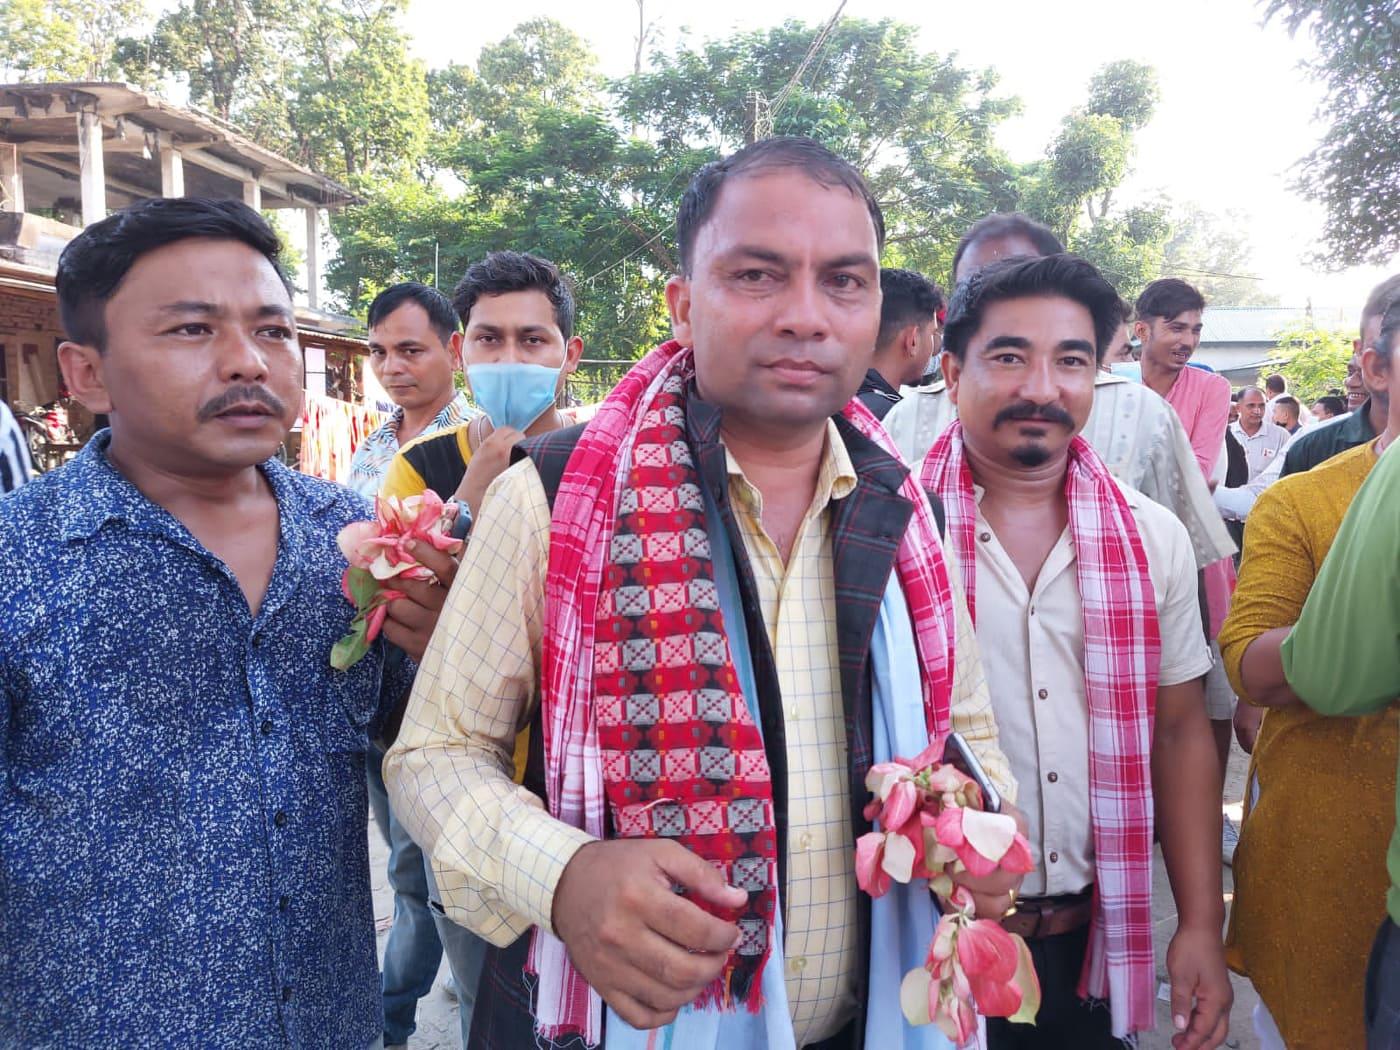 नेपाली काङ्ग्रेस बराहक्षेत्रमा रमेश कार्की विजयी